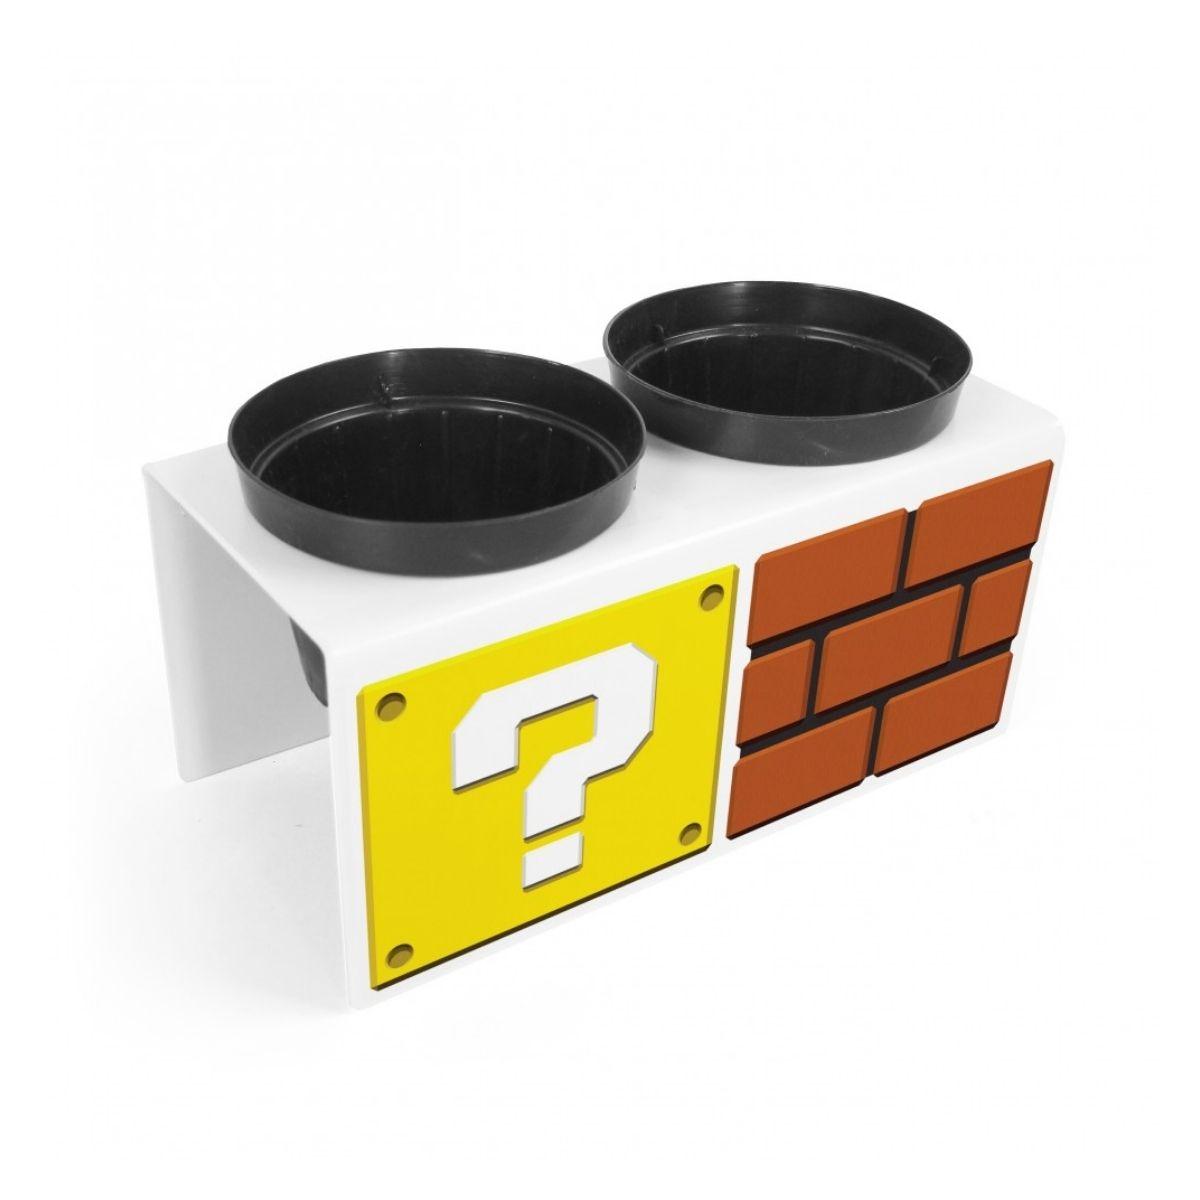 Mini Horta Blocos Mario Bros com vasinhos  - Game Land Brinquedos